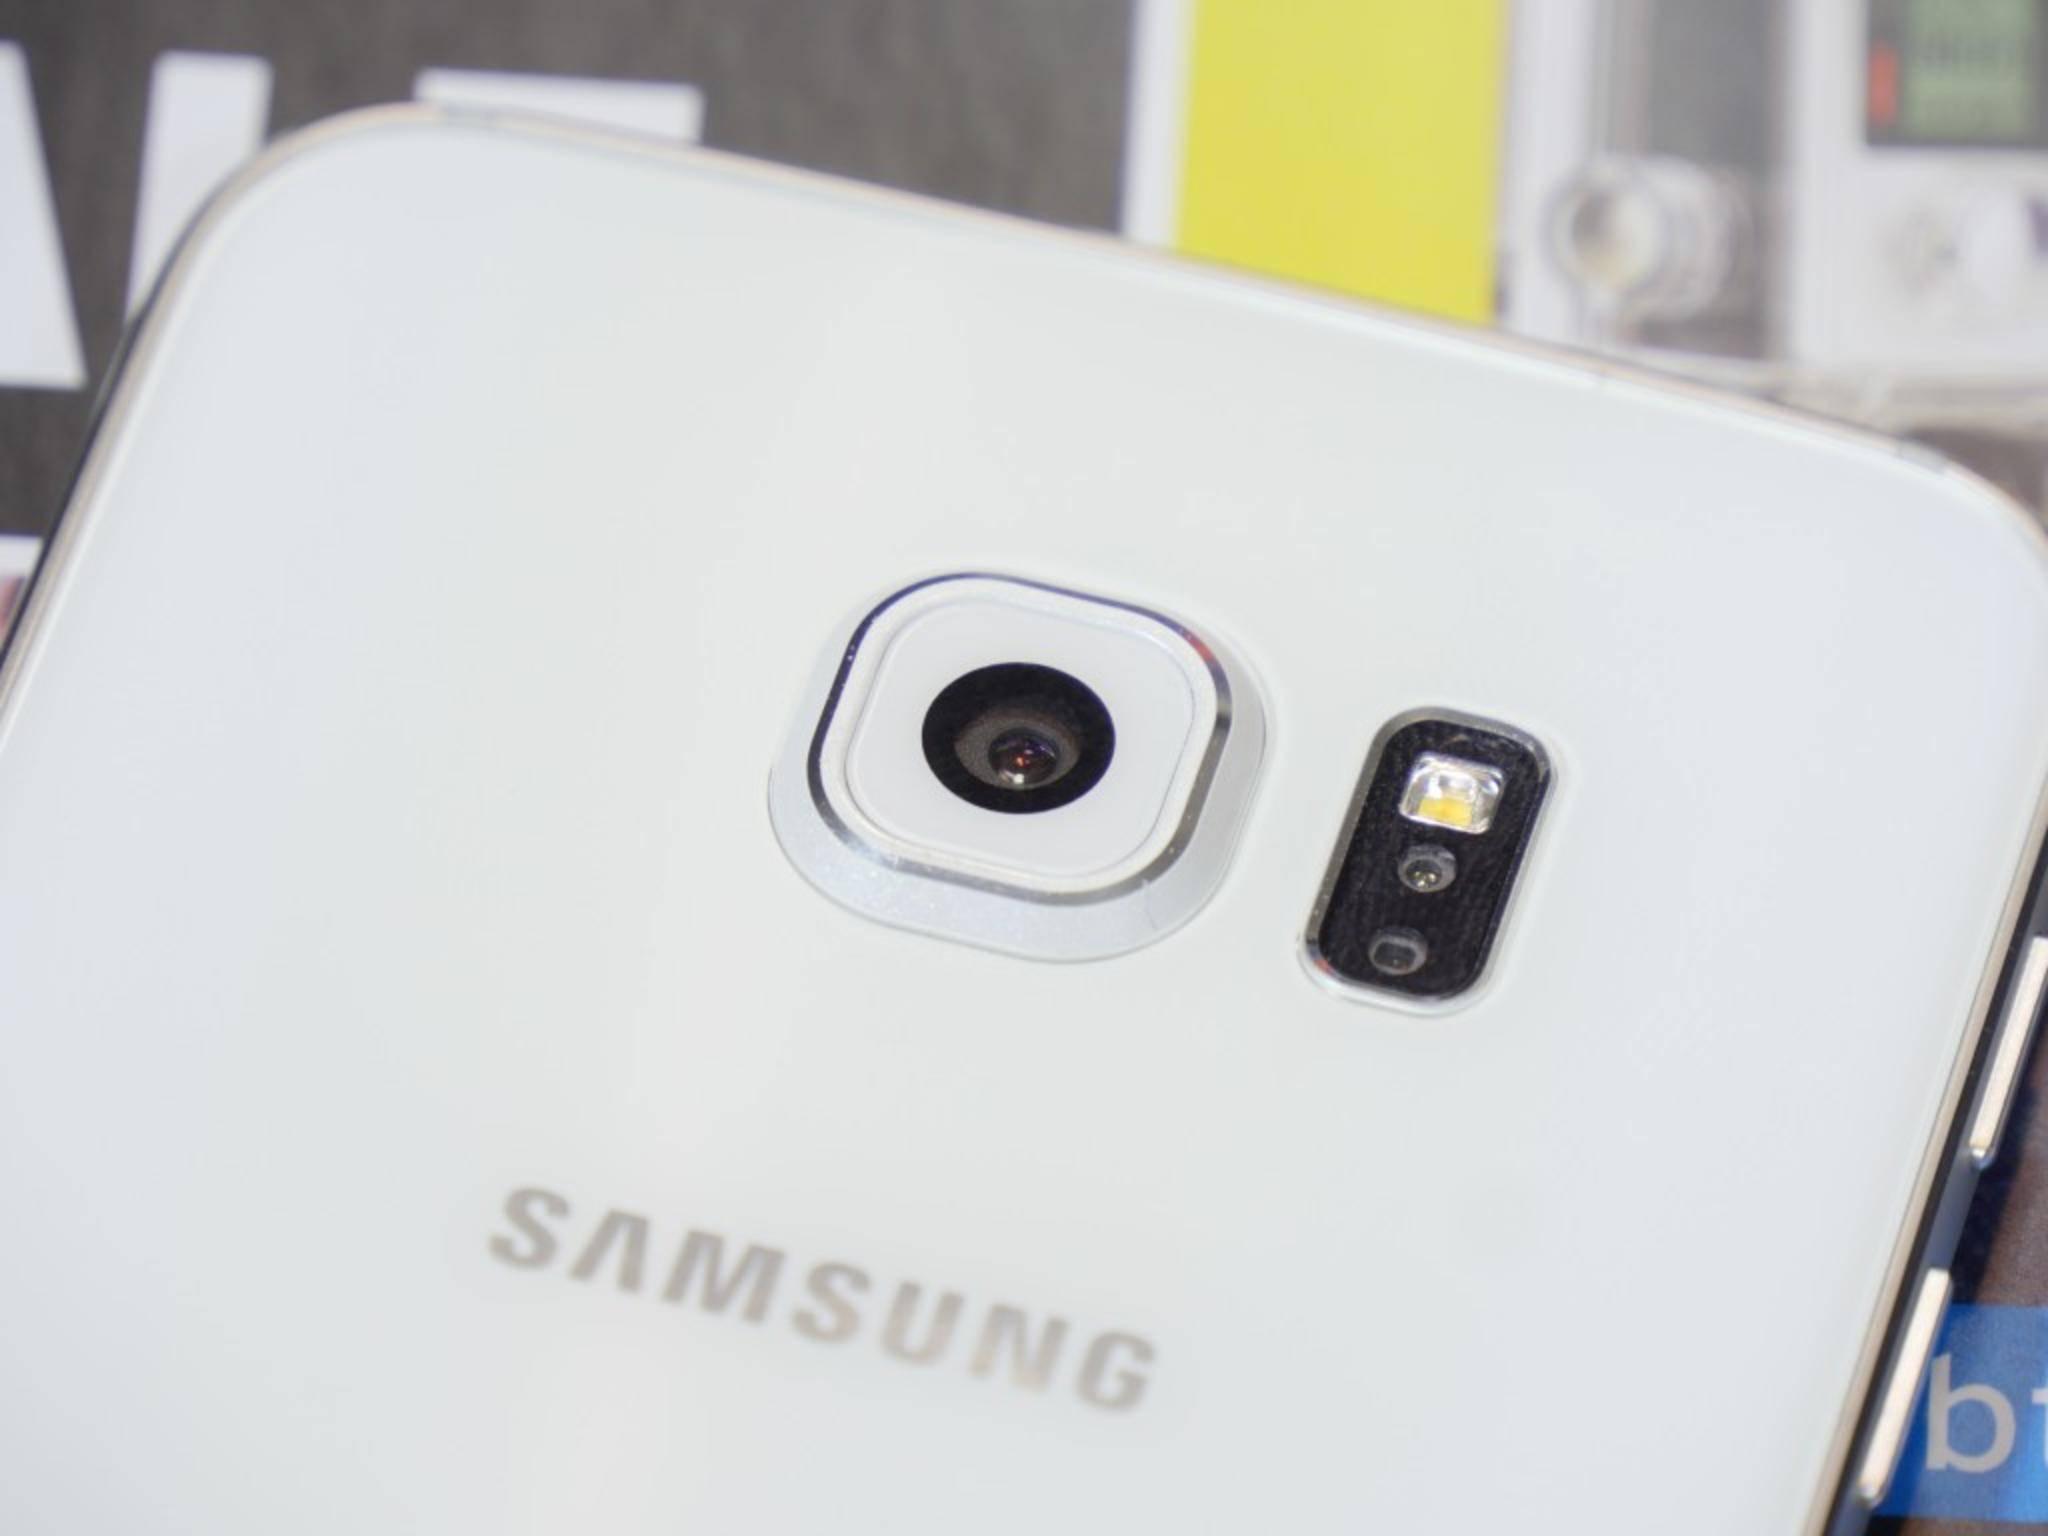 Bei beiden Modellen ragt die Kamera deutlich aus dem Gehäuse heraus.